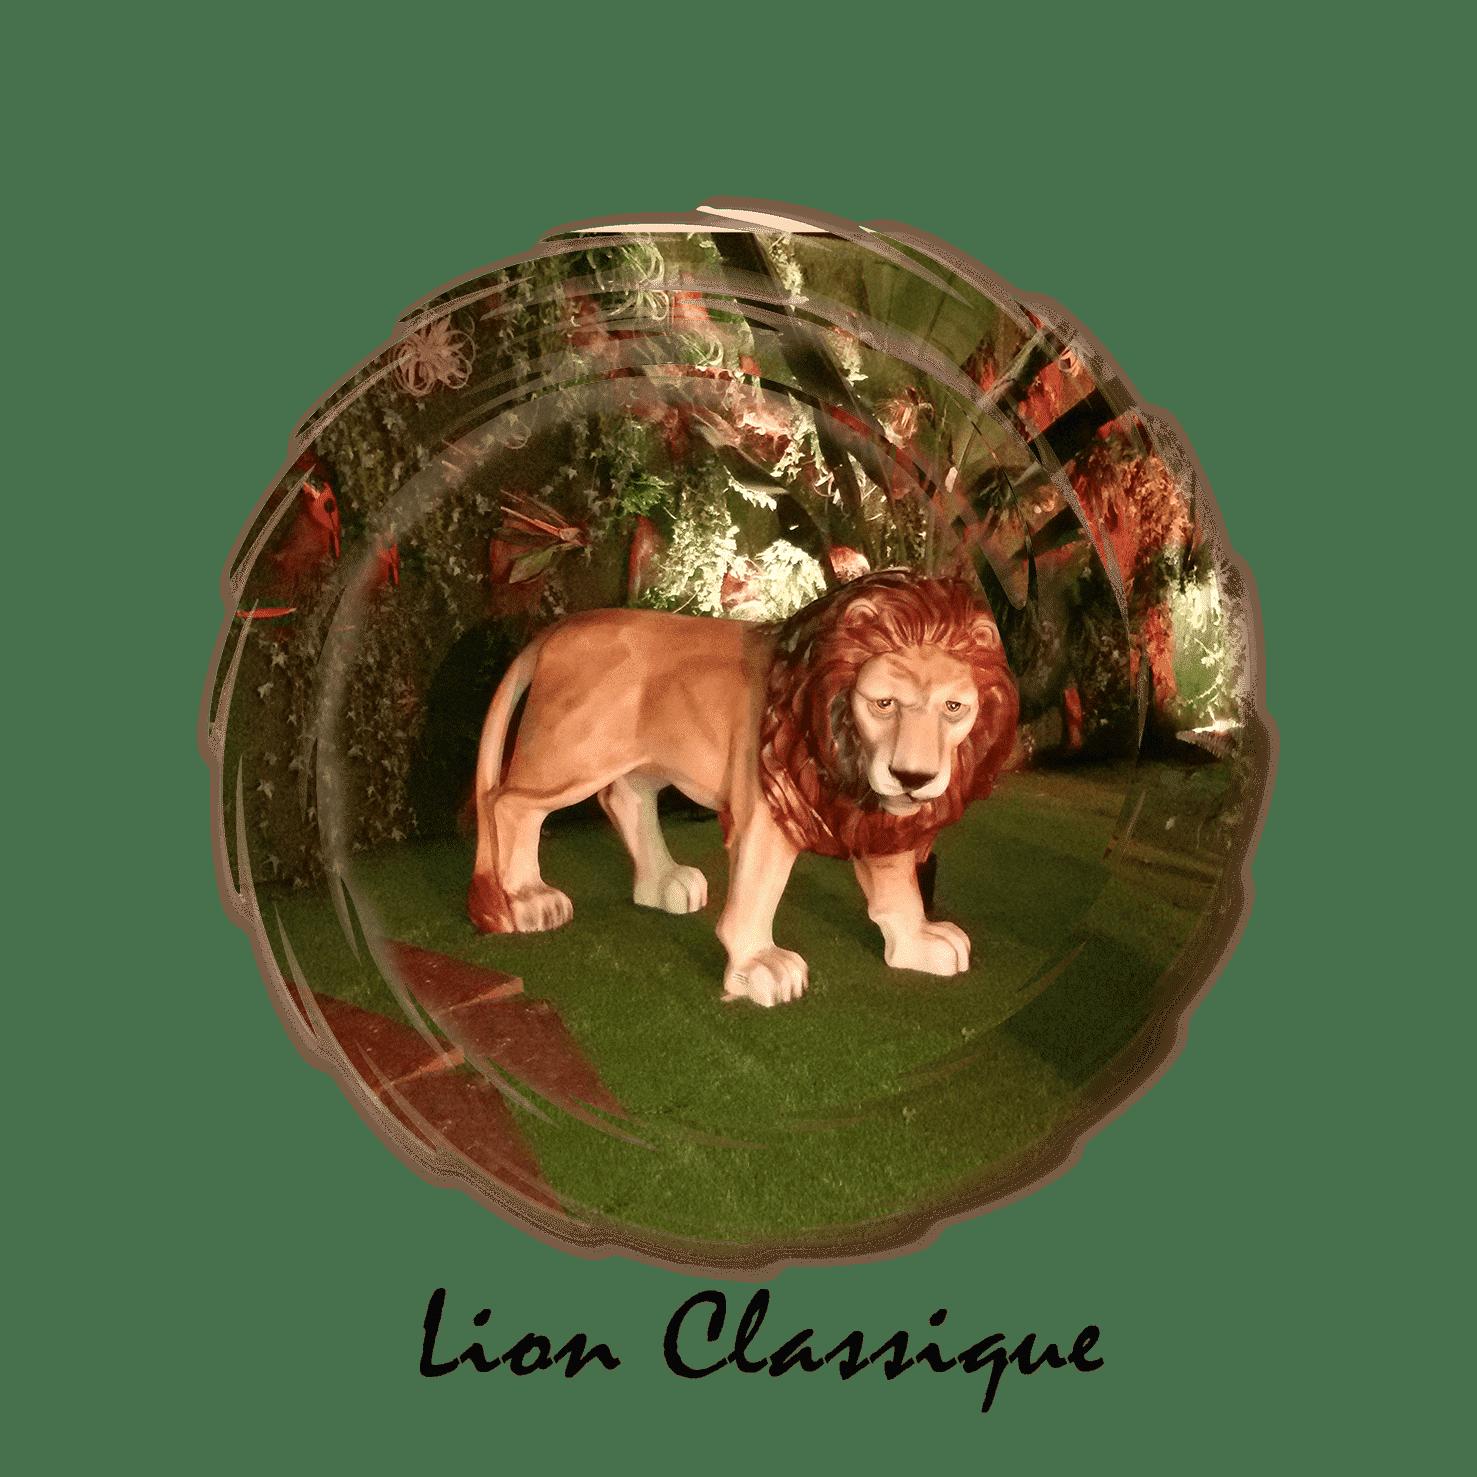 lion classique